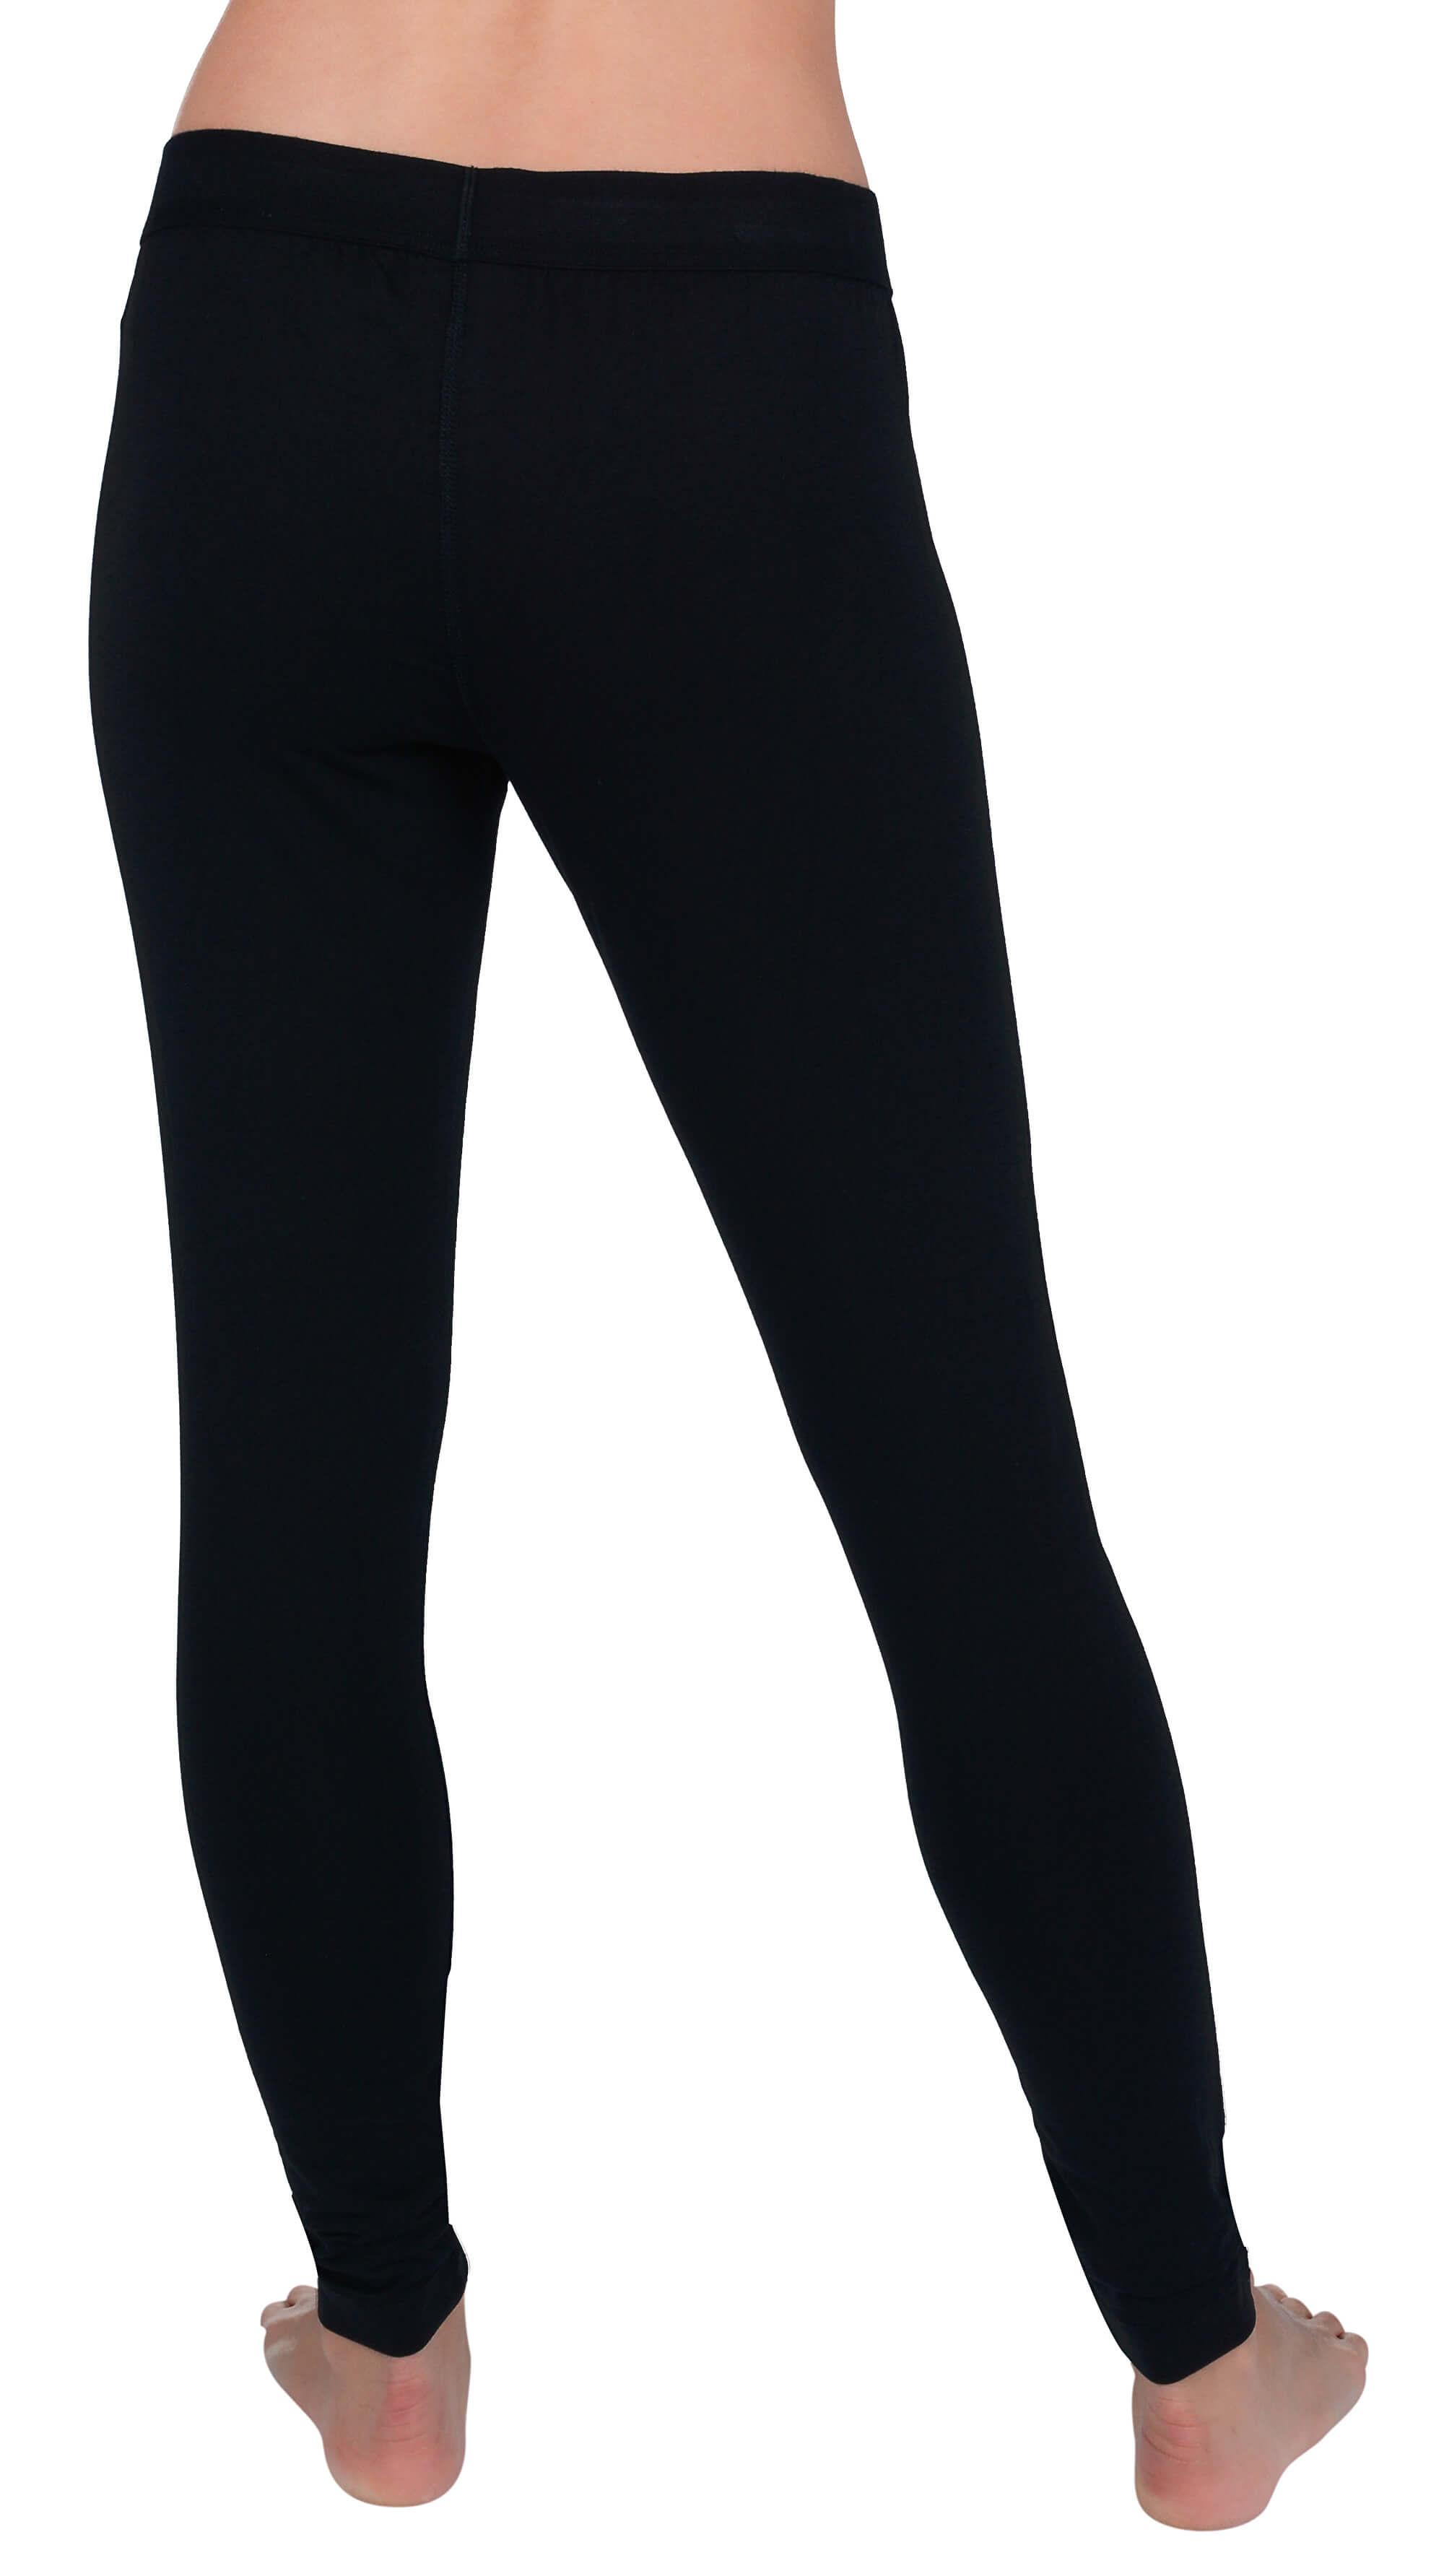 Calvin Klein Női tréningruha Legging Black QS6161E-001. Előző  Következő   5be7b27d43